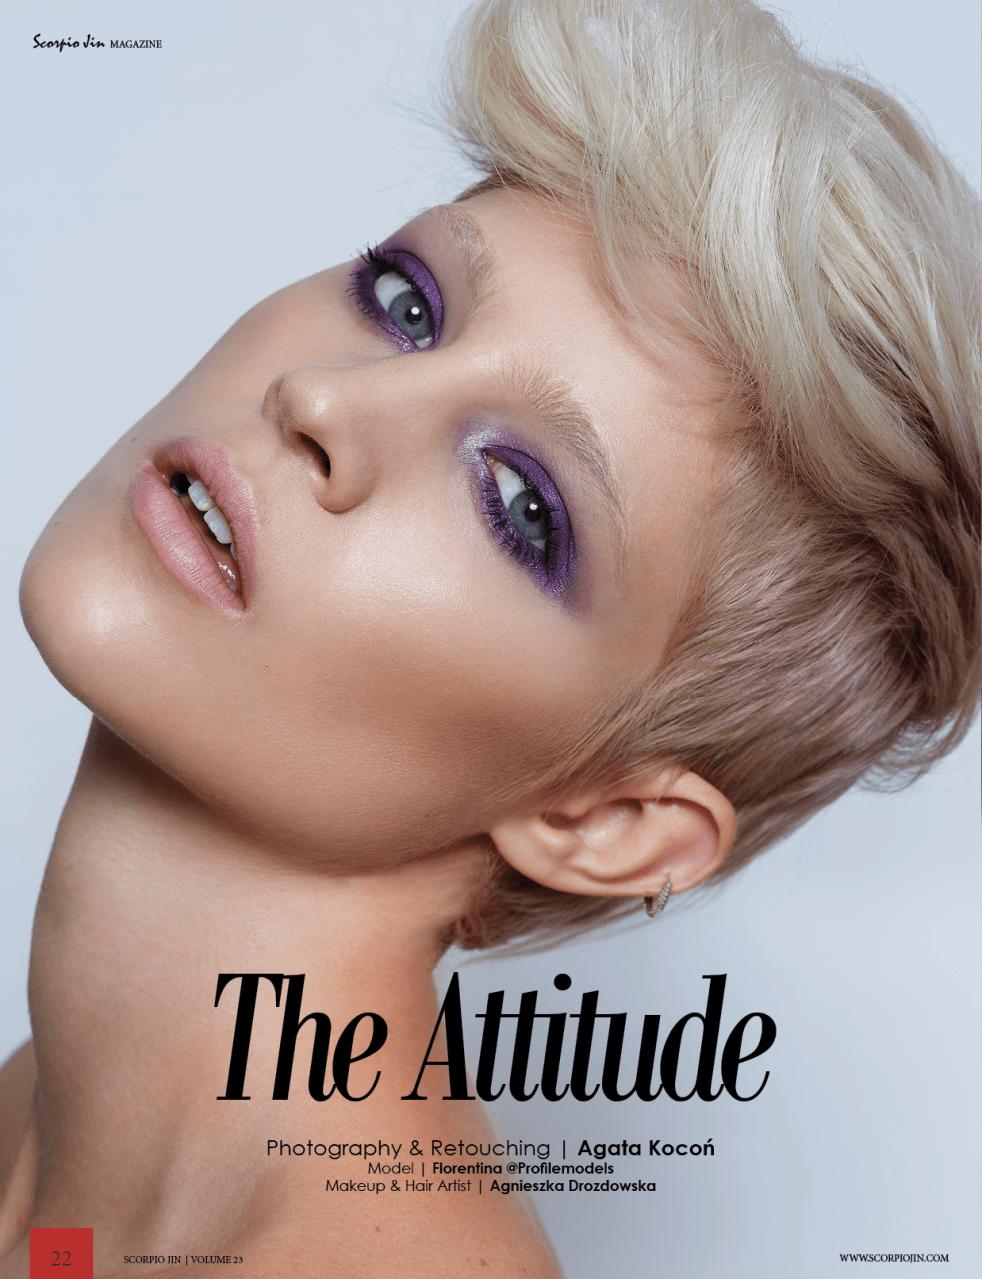 The Attitude – Scorpio Jin Magazine